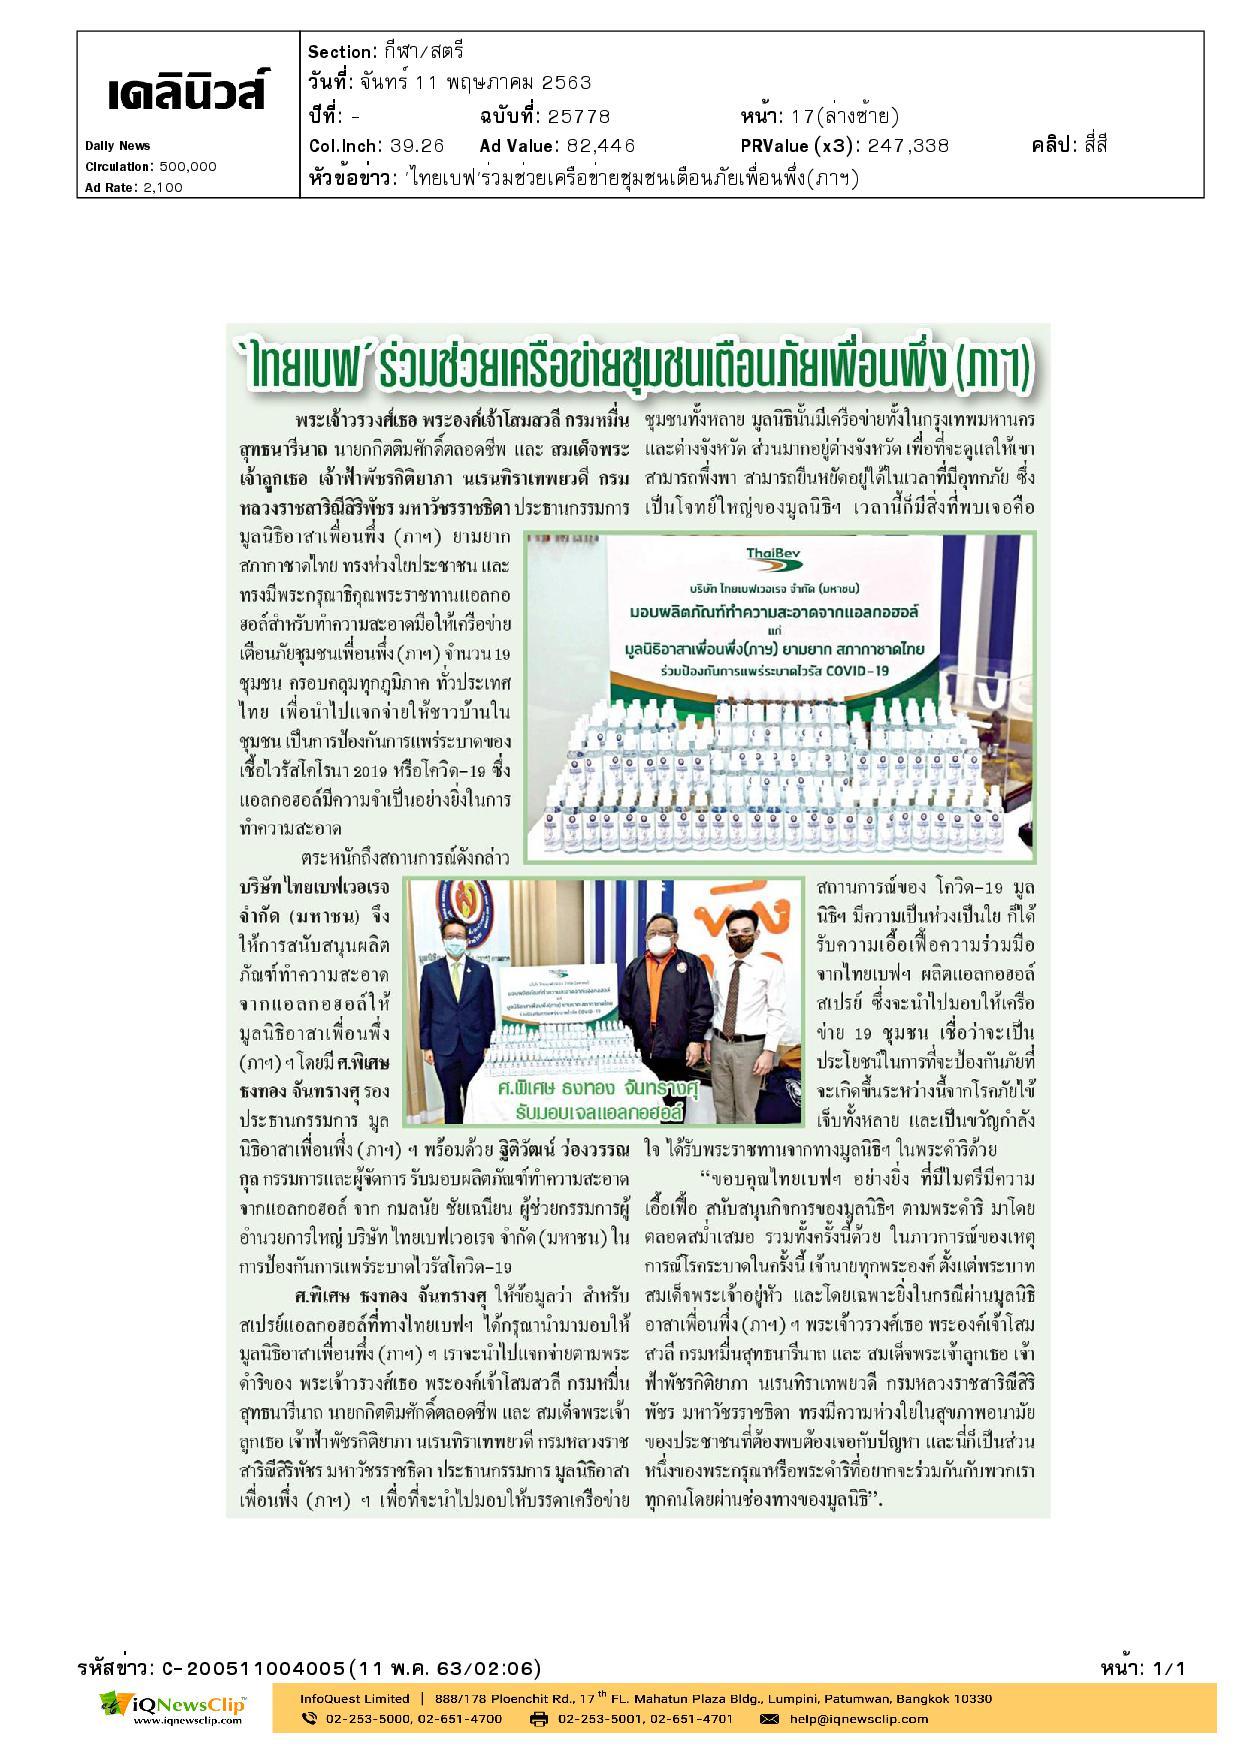 มูลนิธิอาสาเพื่อนพึ่ง (ภาฯ) ยามยาก สภากาชาดไทย